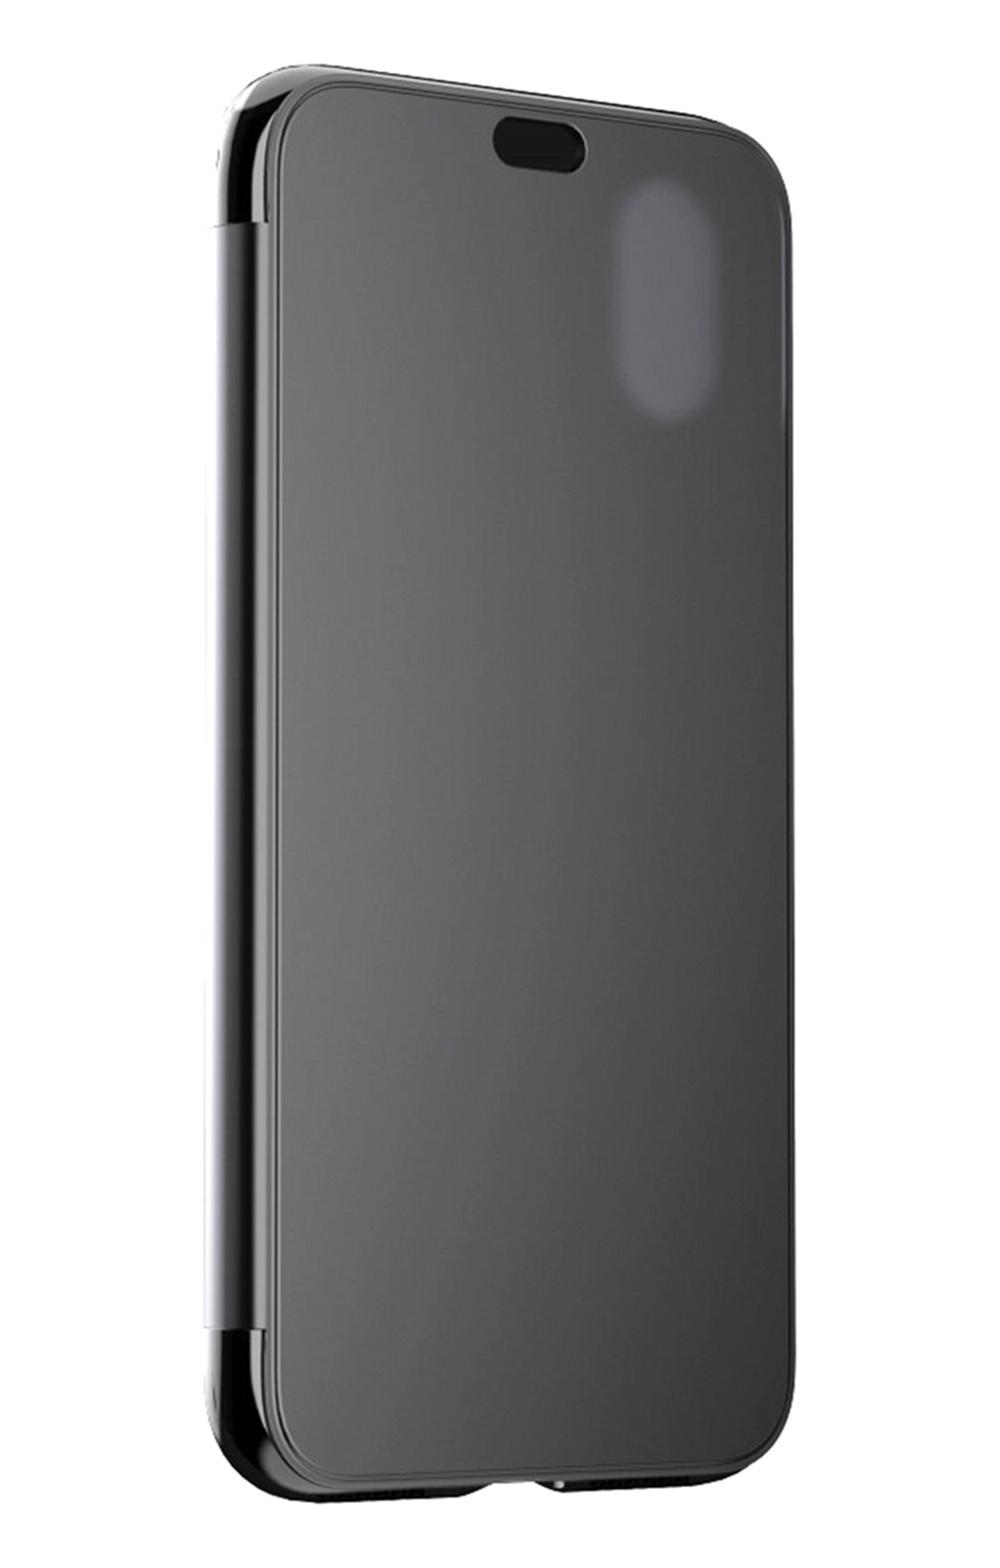 Чехол для сотового телефона Baseus iPhone XTouchable Case15316, черный цена и фото